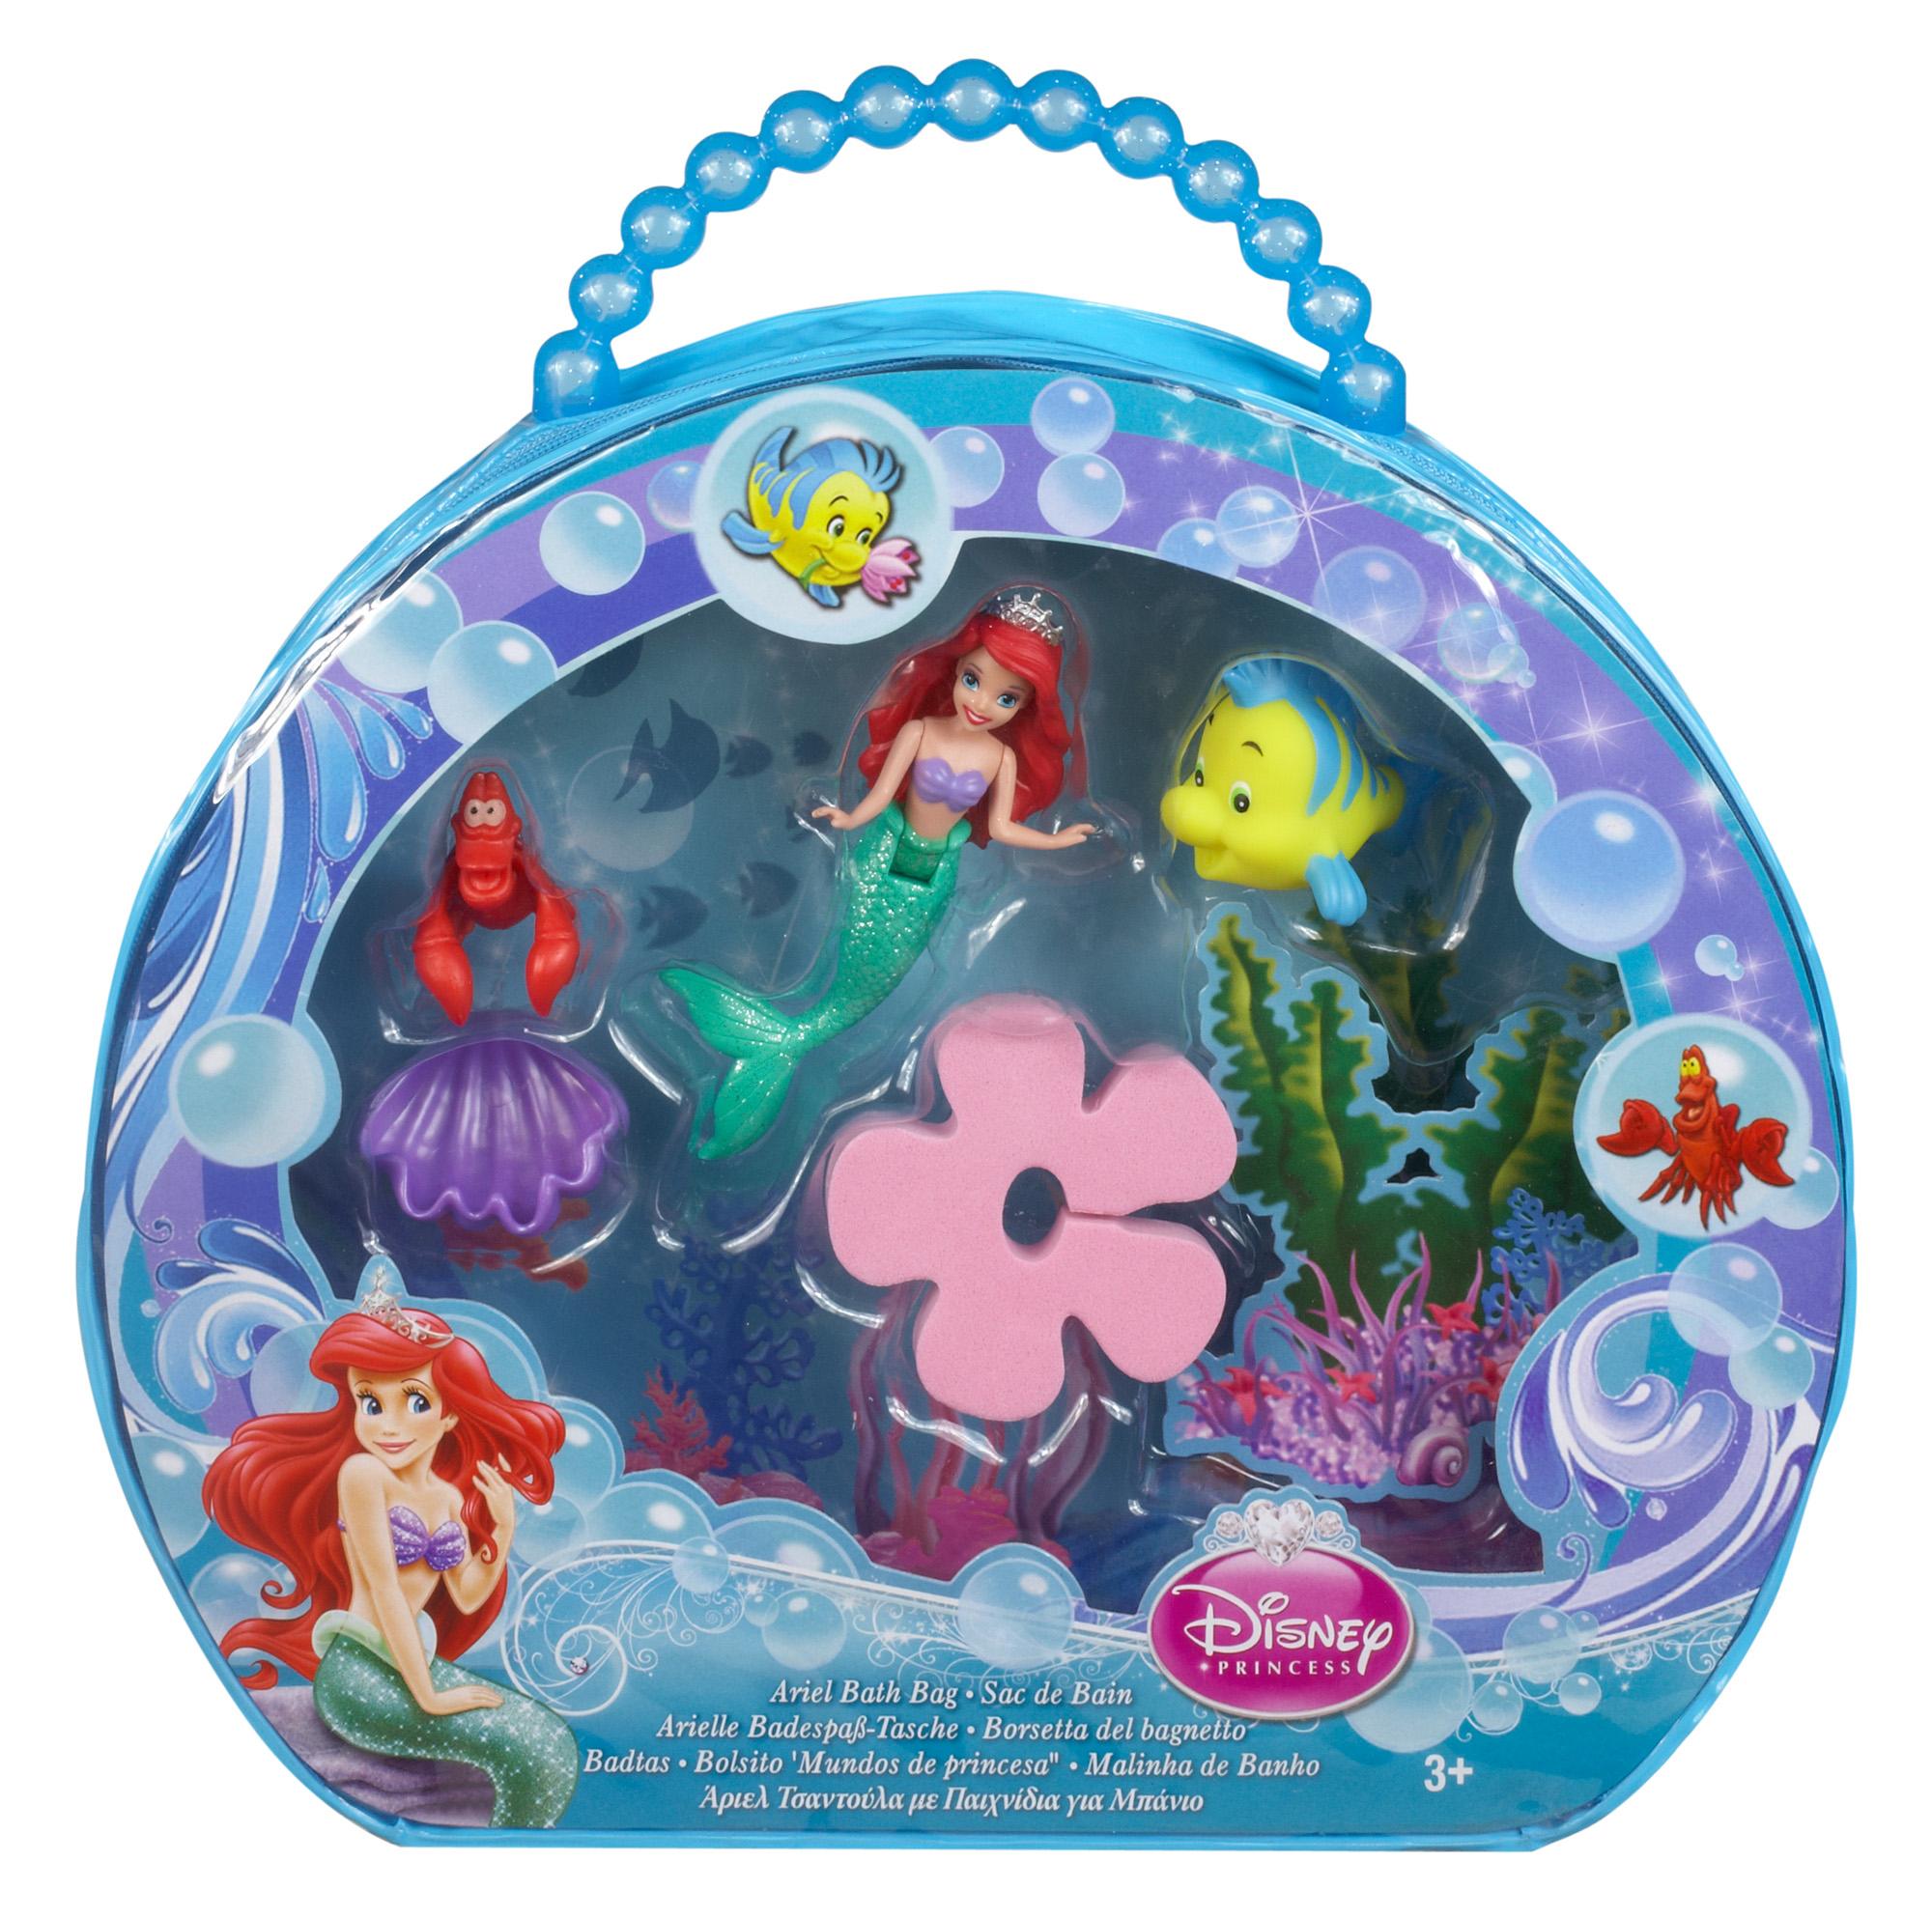 Disney Princess Bath Bag Ariel Toys Games Dolls